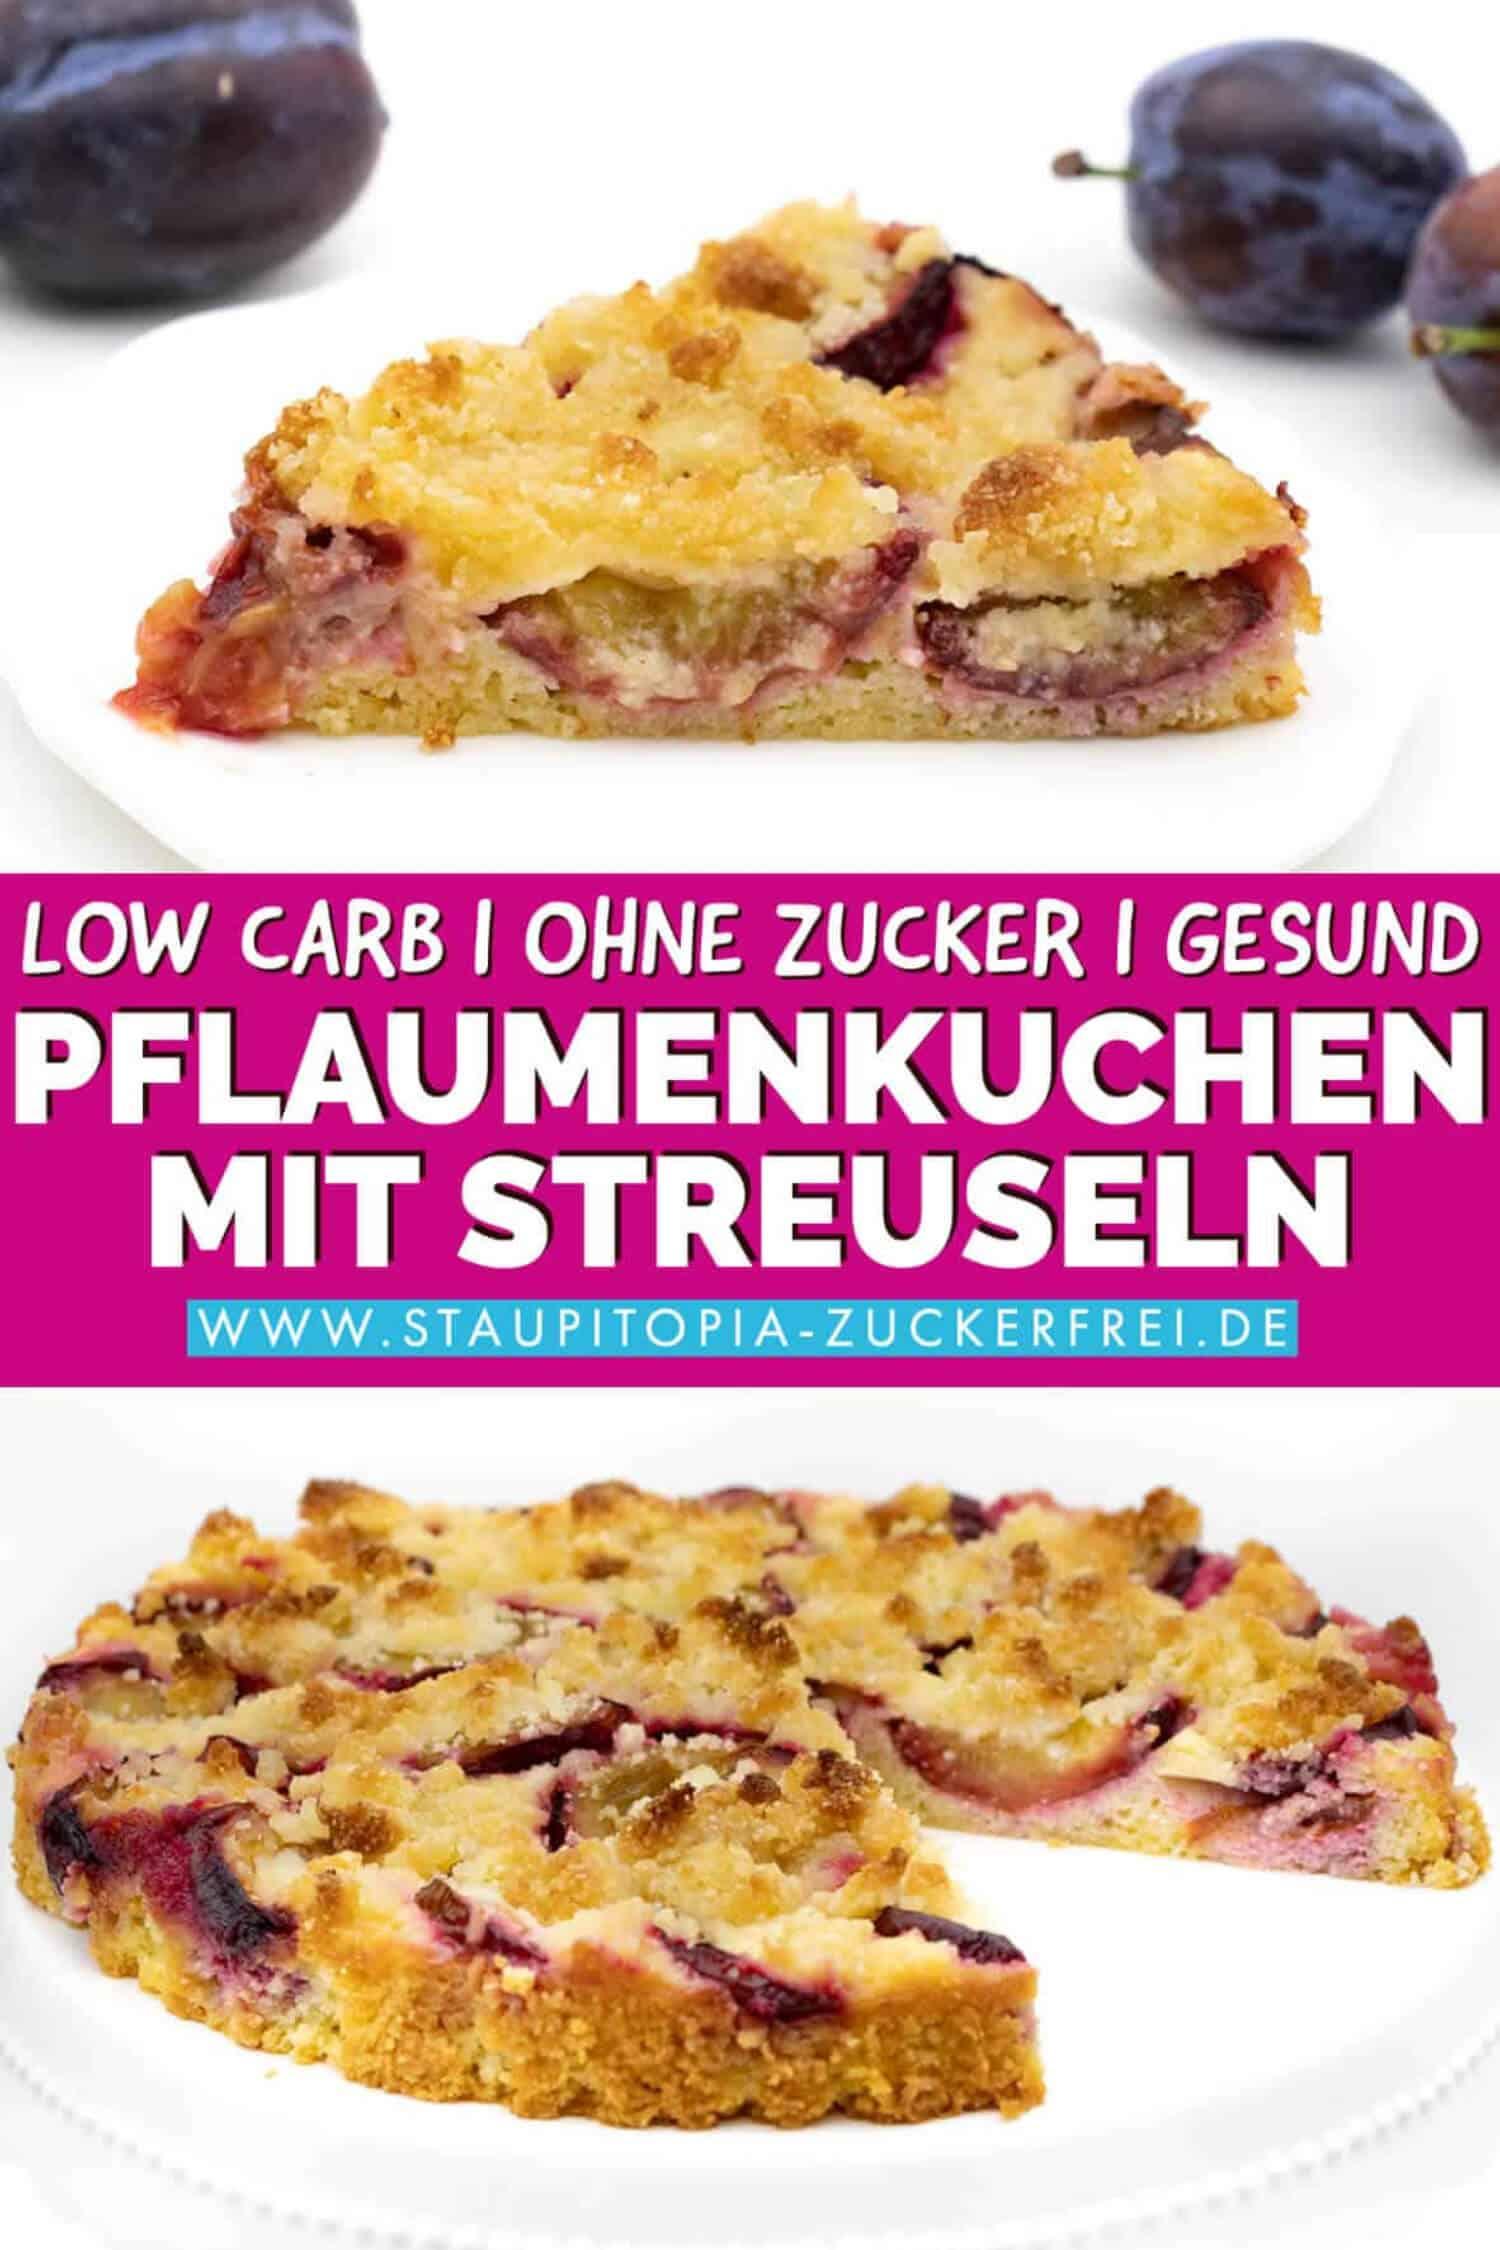 Low Carb Pflaumenkuchen mit Mandelmehl ohne Zucker.